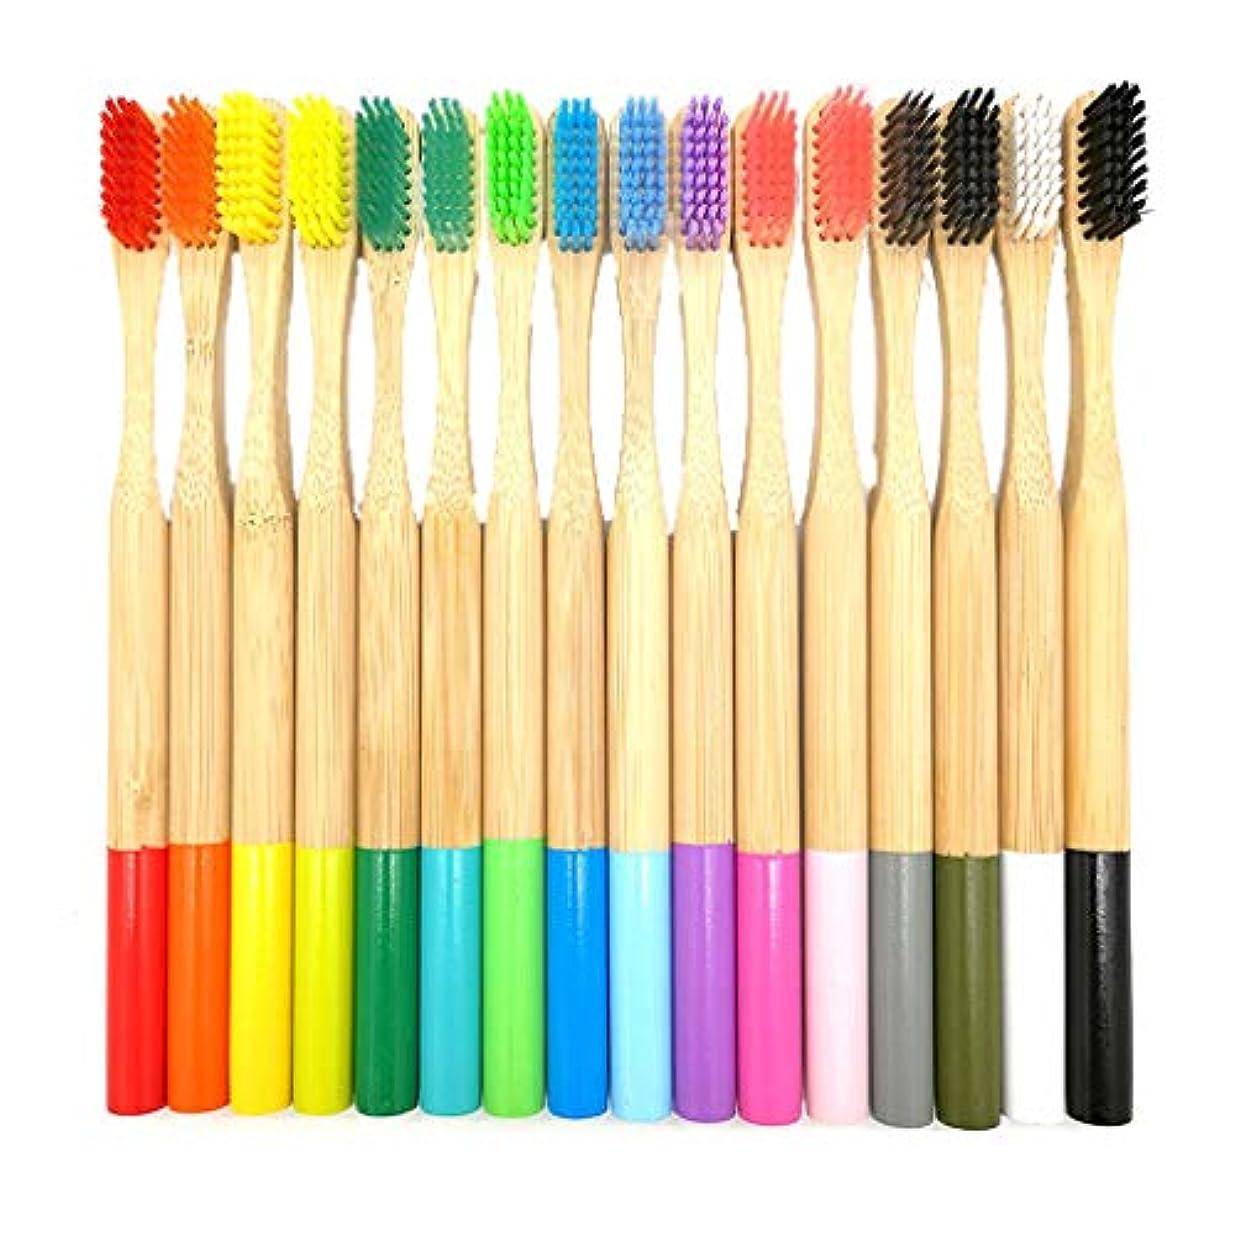 注ぎますサイレントめったにLazayyii 成人 竹製の歯ブラシ オーラルケア 竹繊維 やわらかい歯ブラシ 人気16本 (マルチカラー)